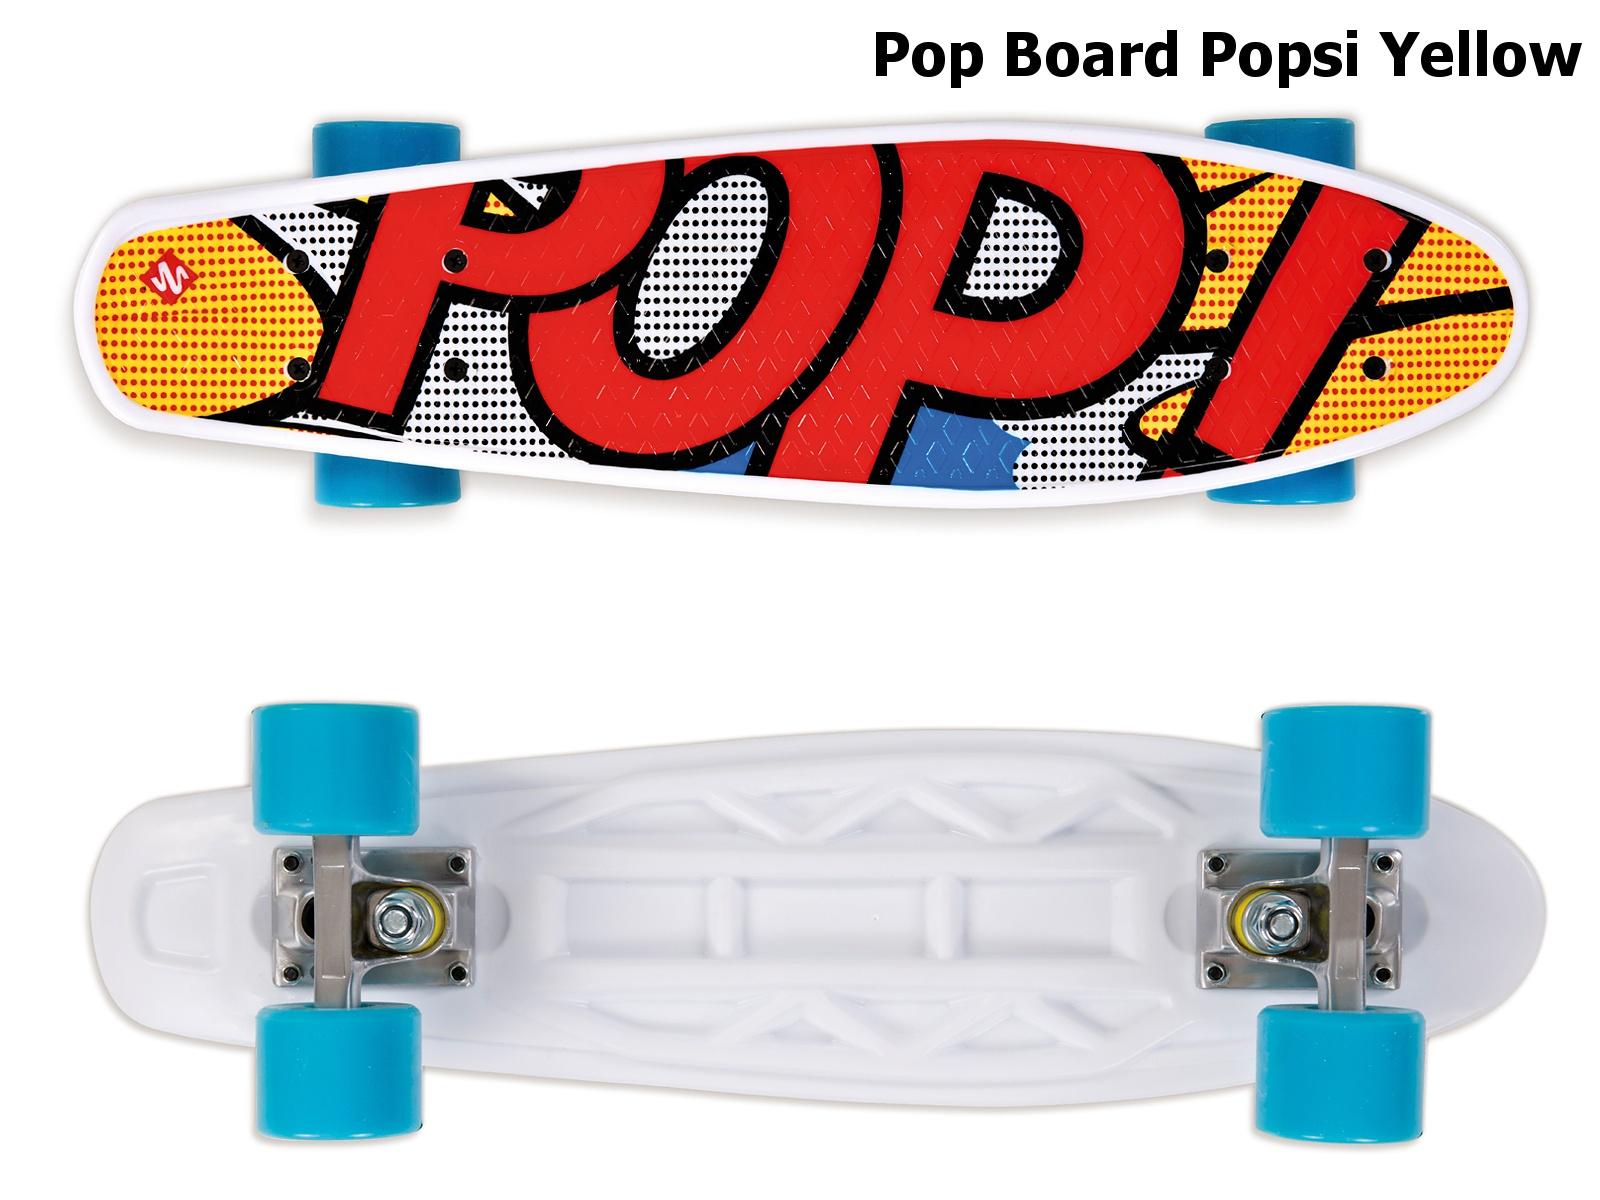 Skateboard STREET SURFING Pop Board Popsi Yellow - žlutý